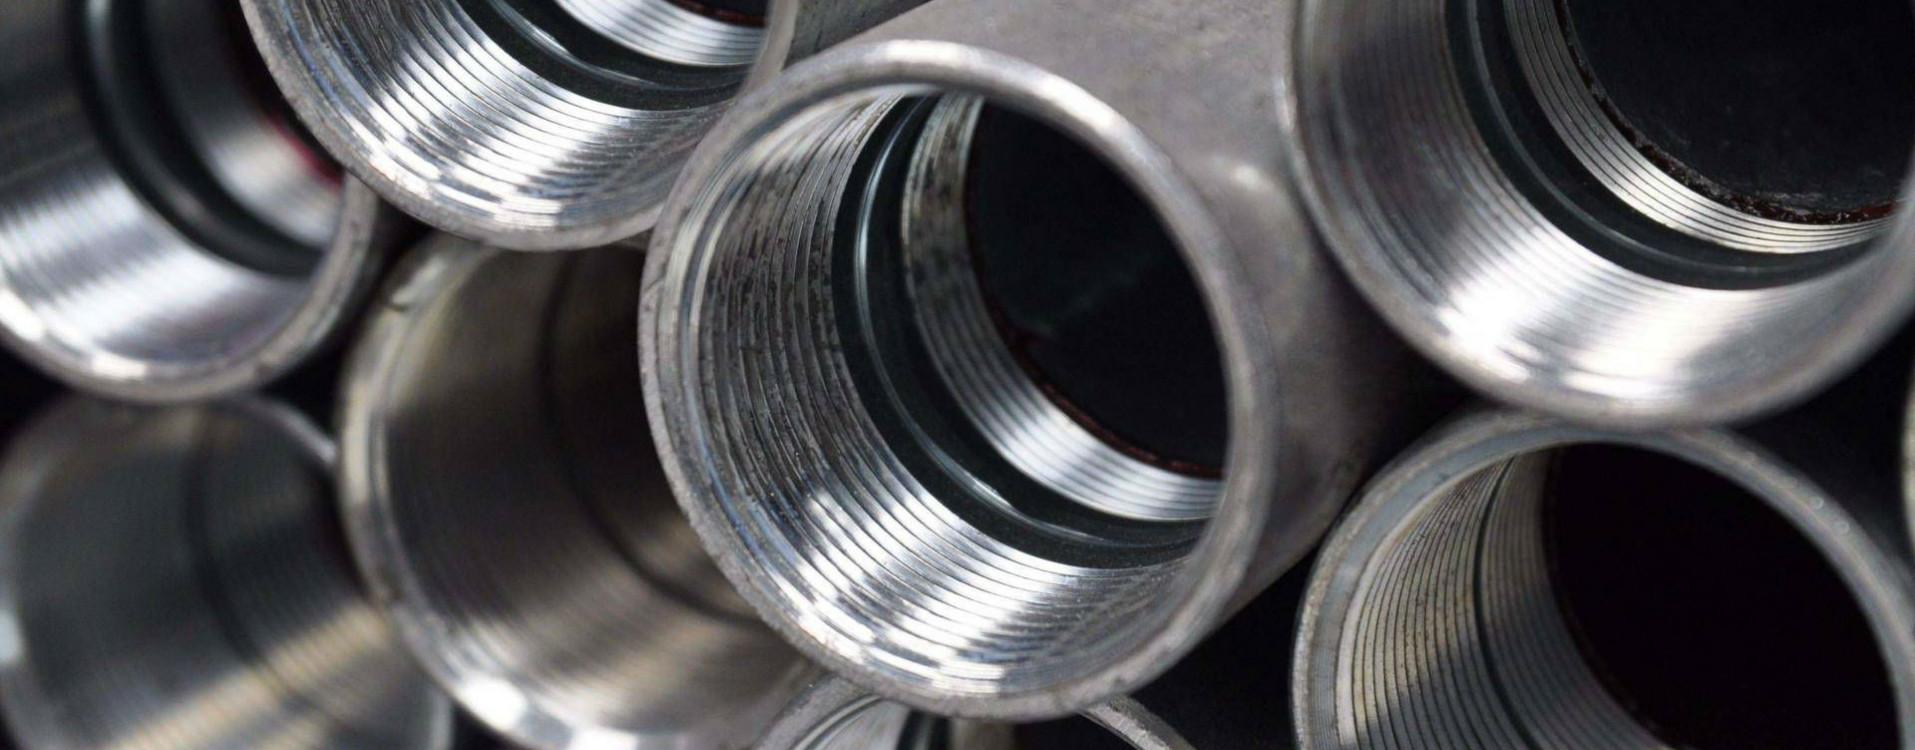 Filettatura dell'acciaio presso stabilimento di Lecco